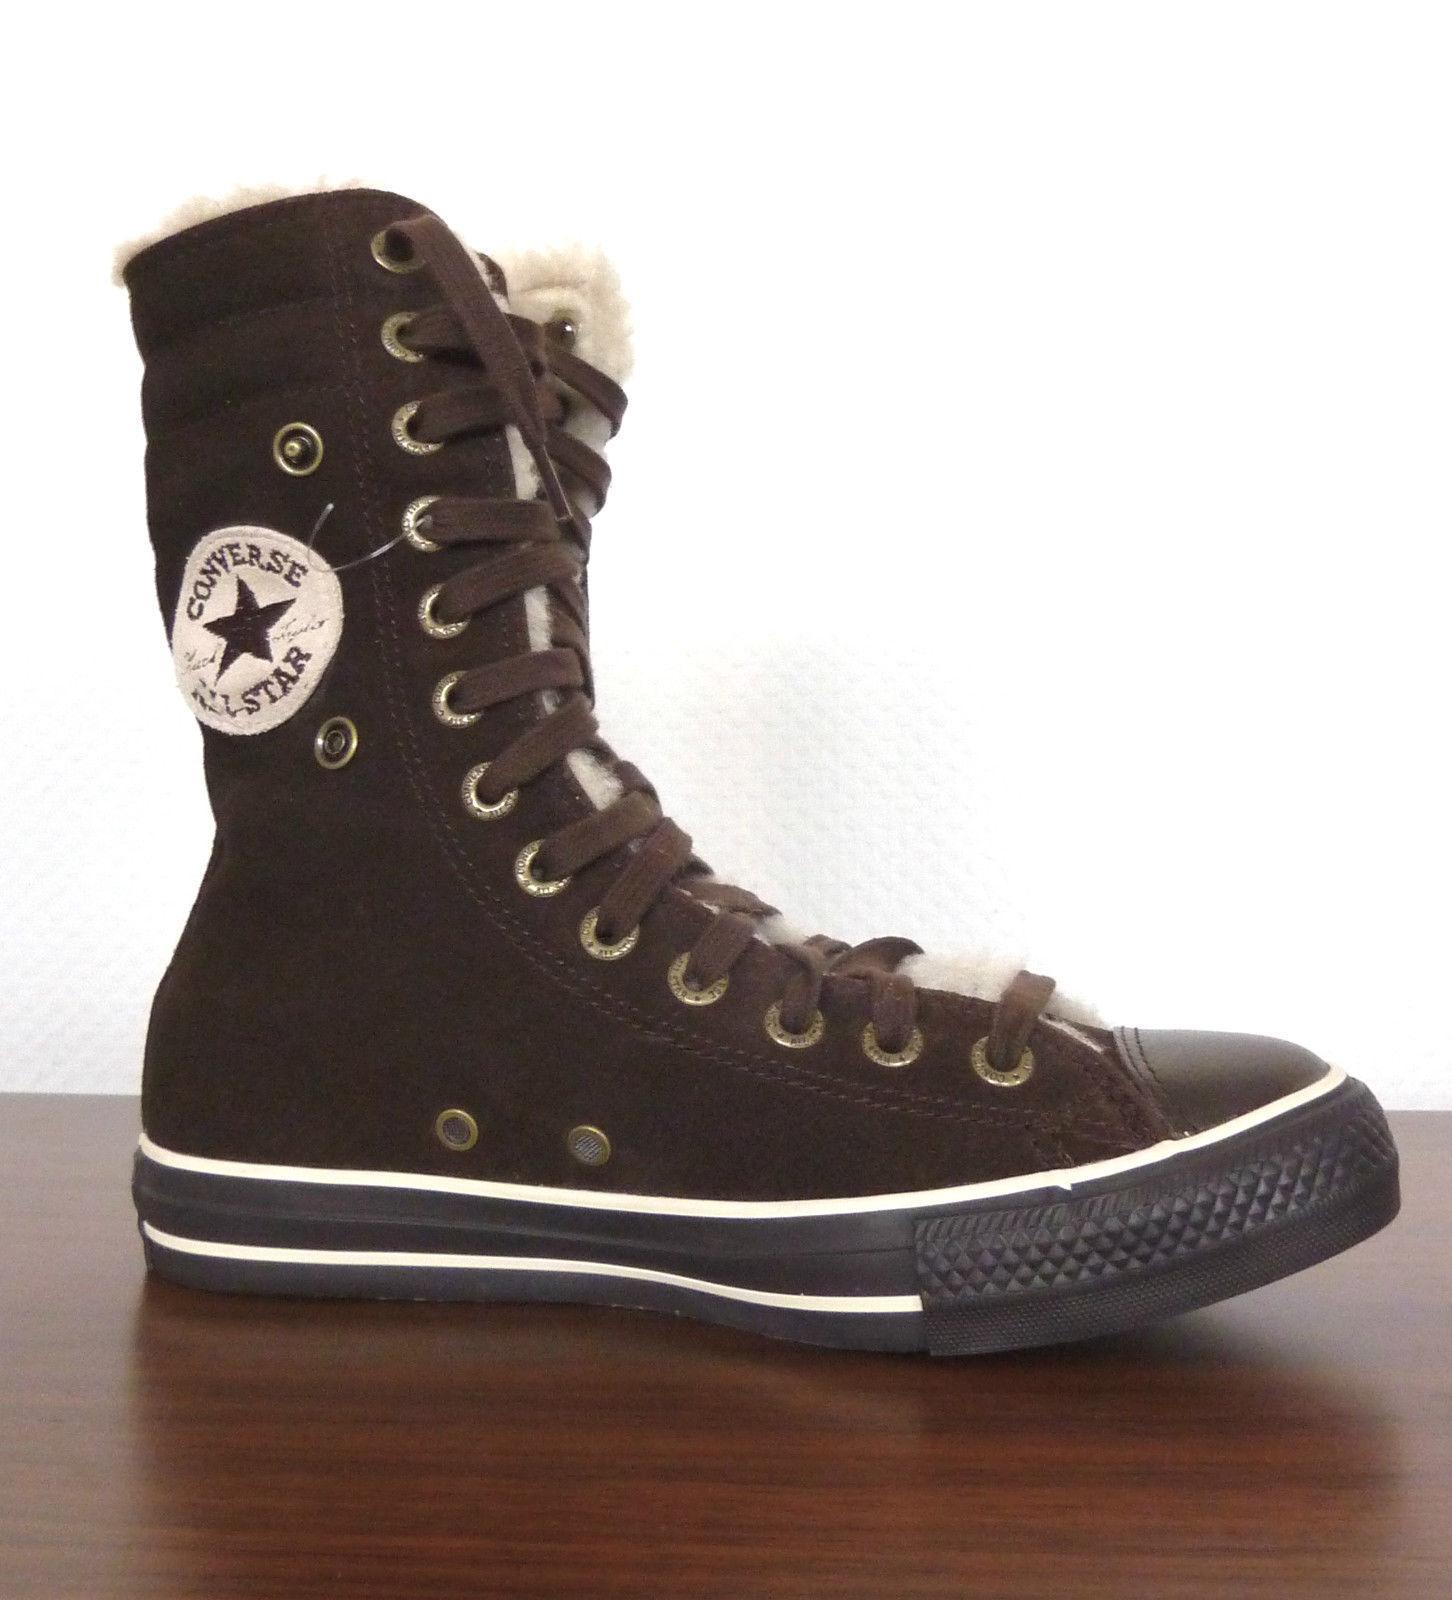 Nuevo All Star Converse Chucks X Hi Xhi Rodilla Rodilla Rodilla Cuero Forrado Gr.36 111514 (115)  compras online de deportes